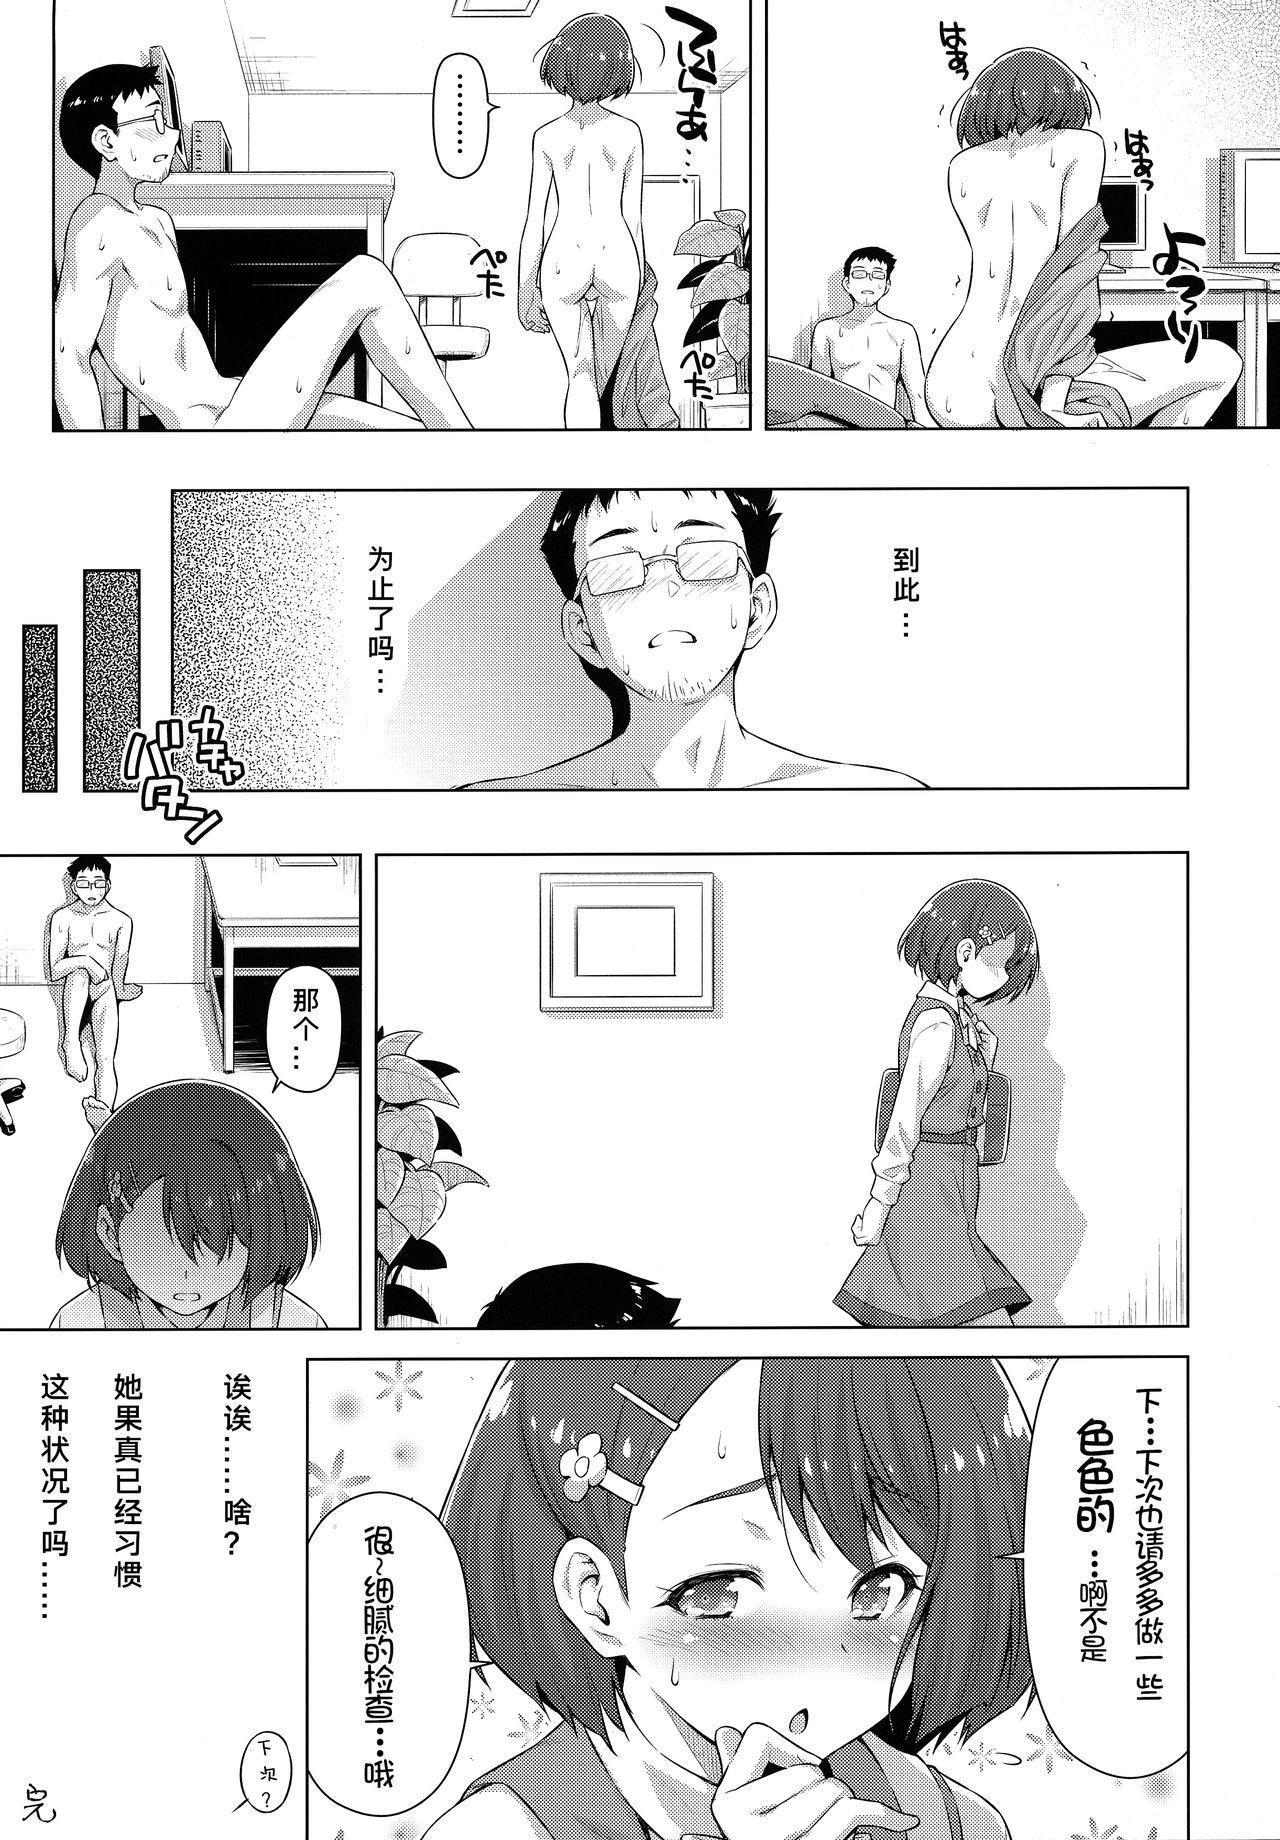 Boku no Shinryoujo e Youkoso. 31